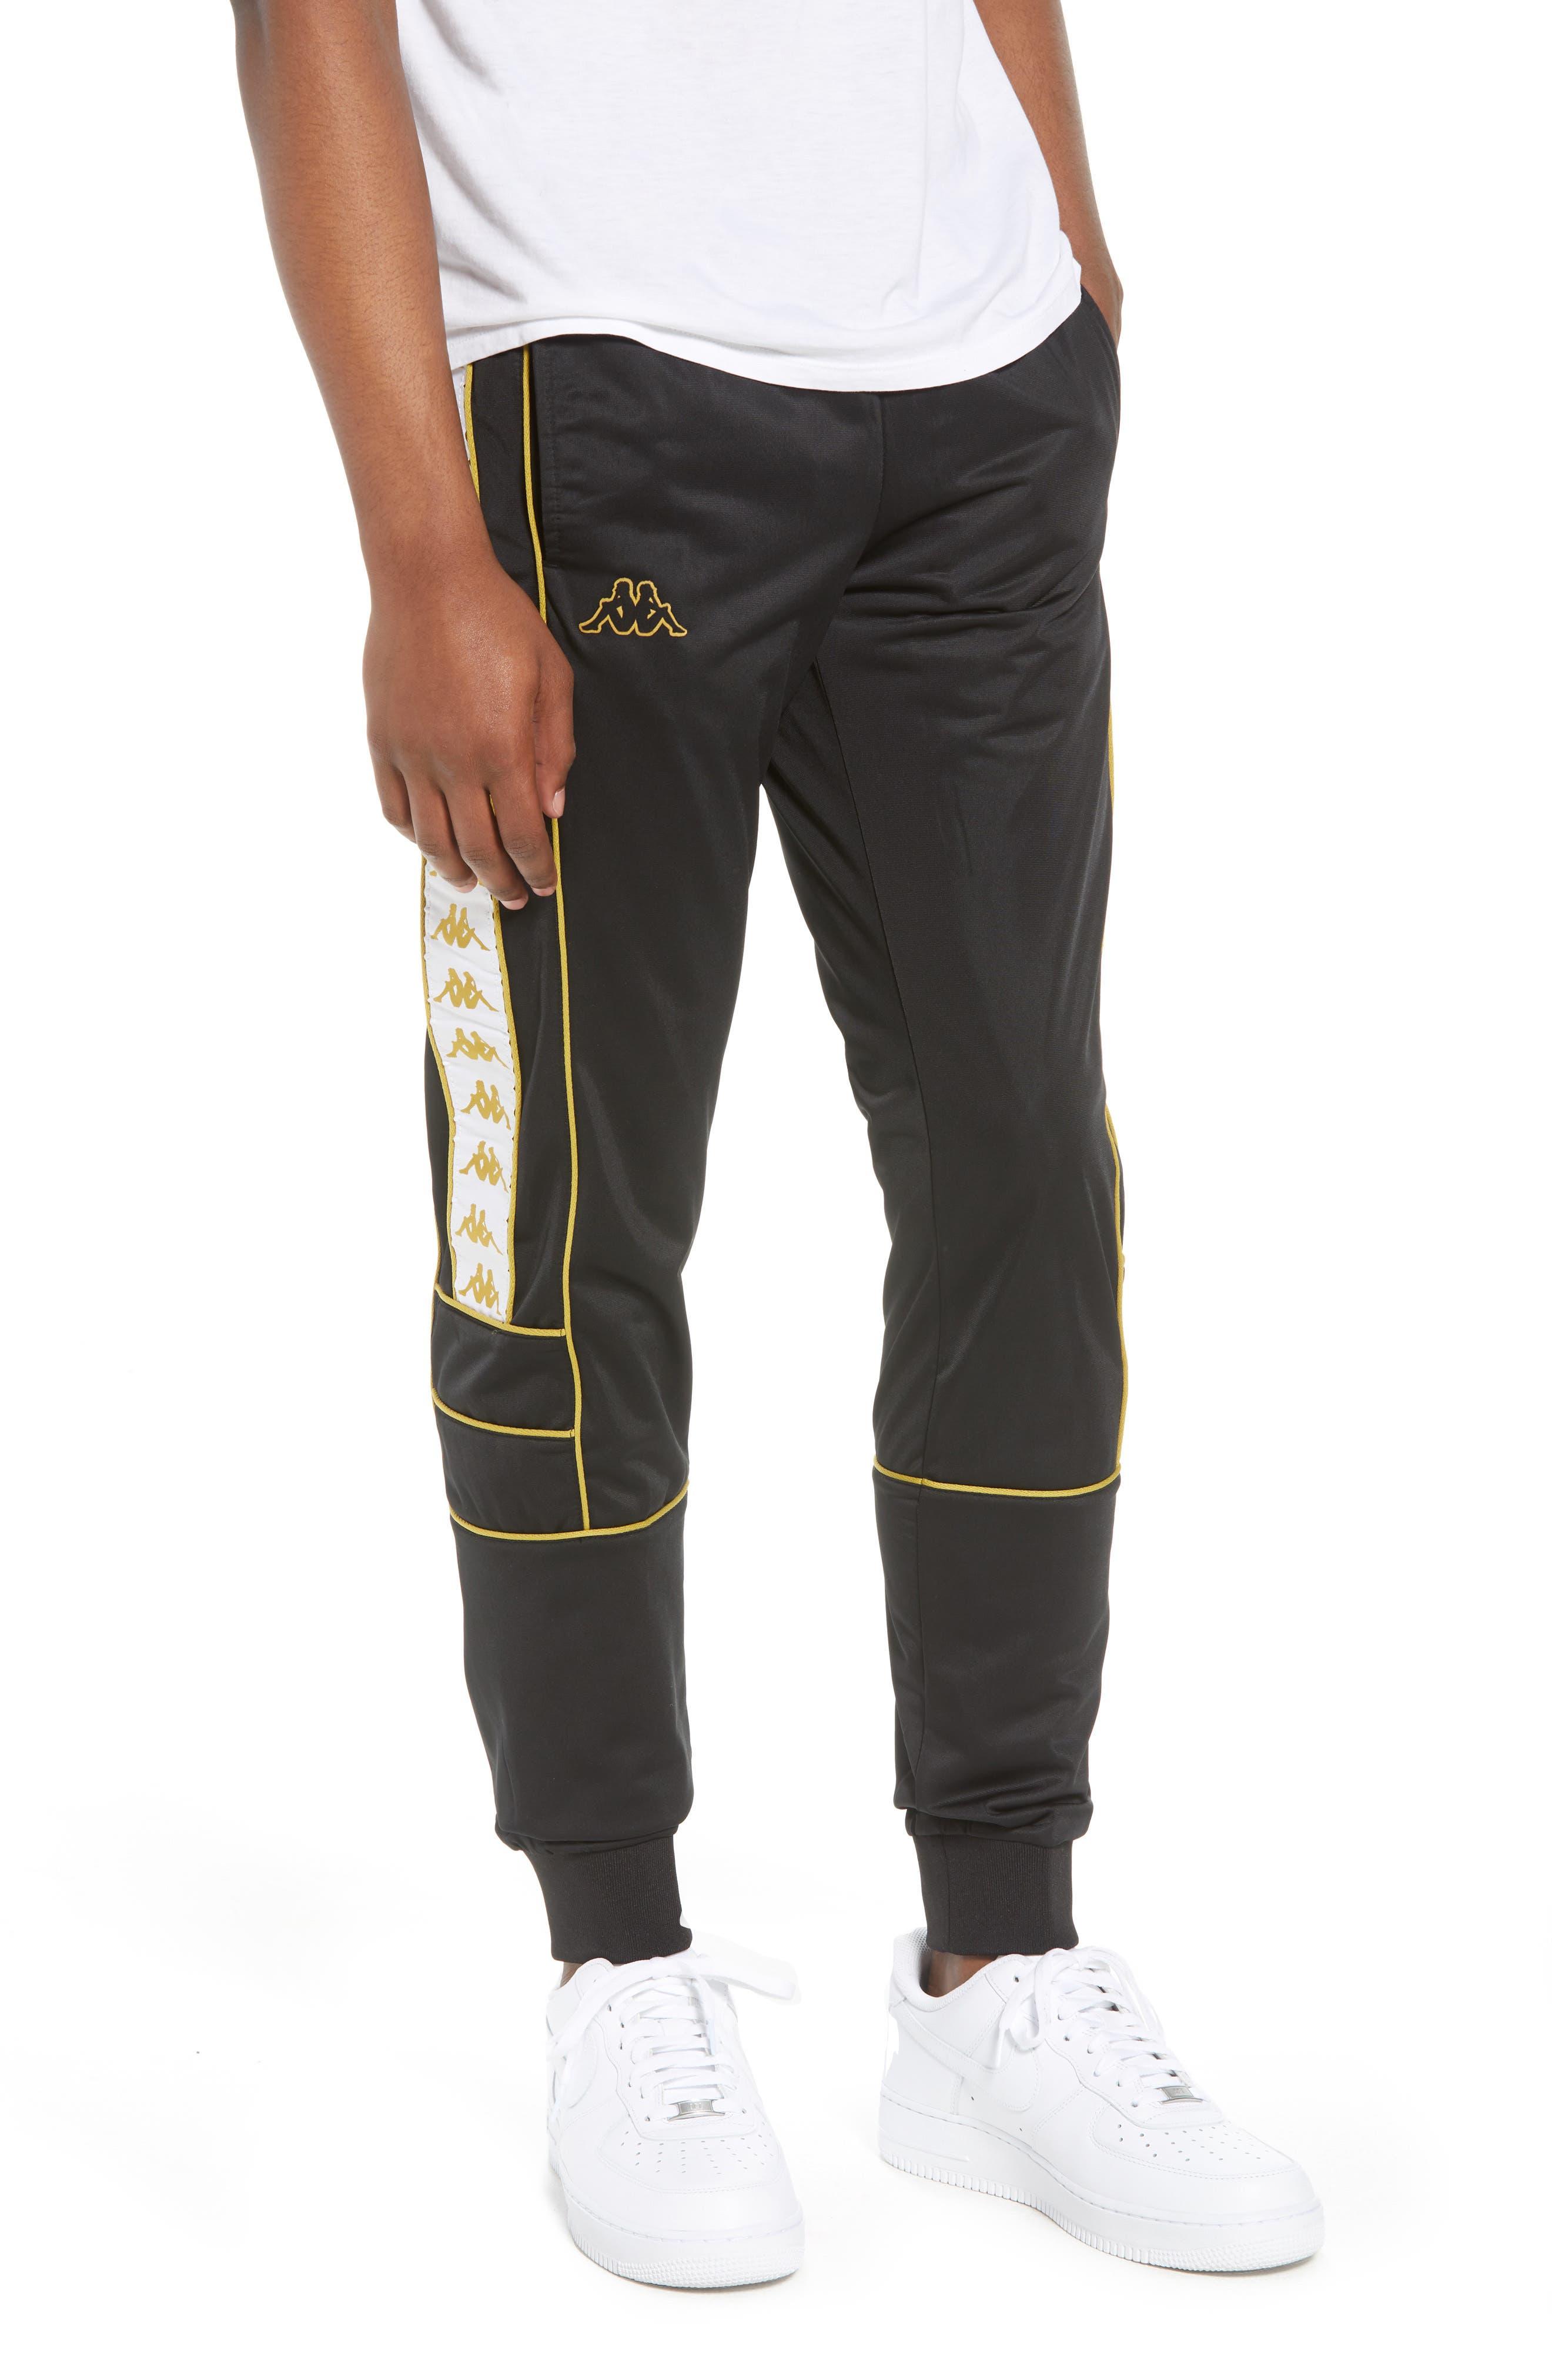 Kappa Racing Track Pants